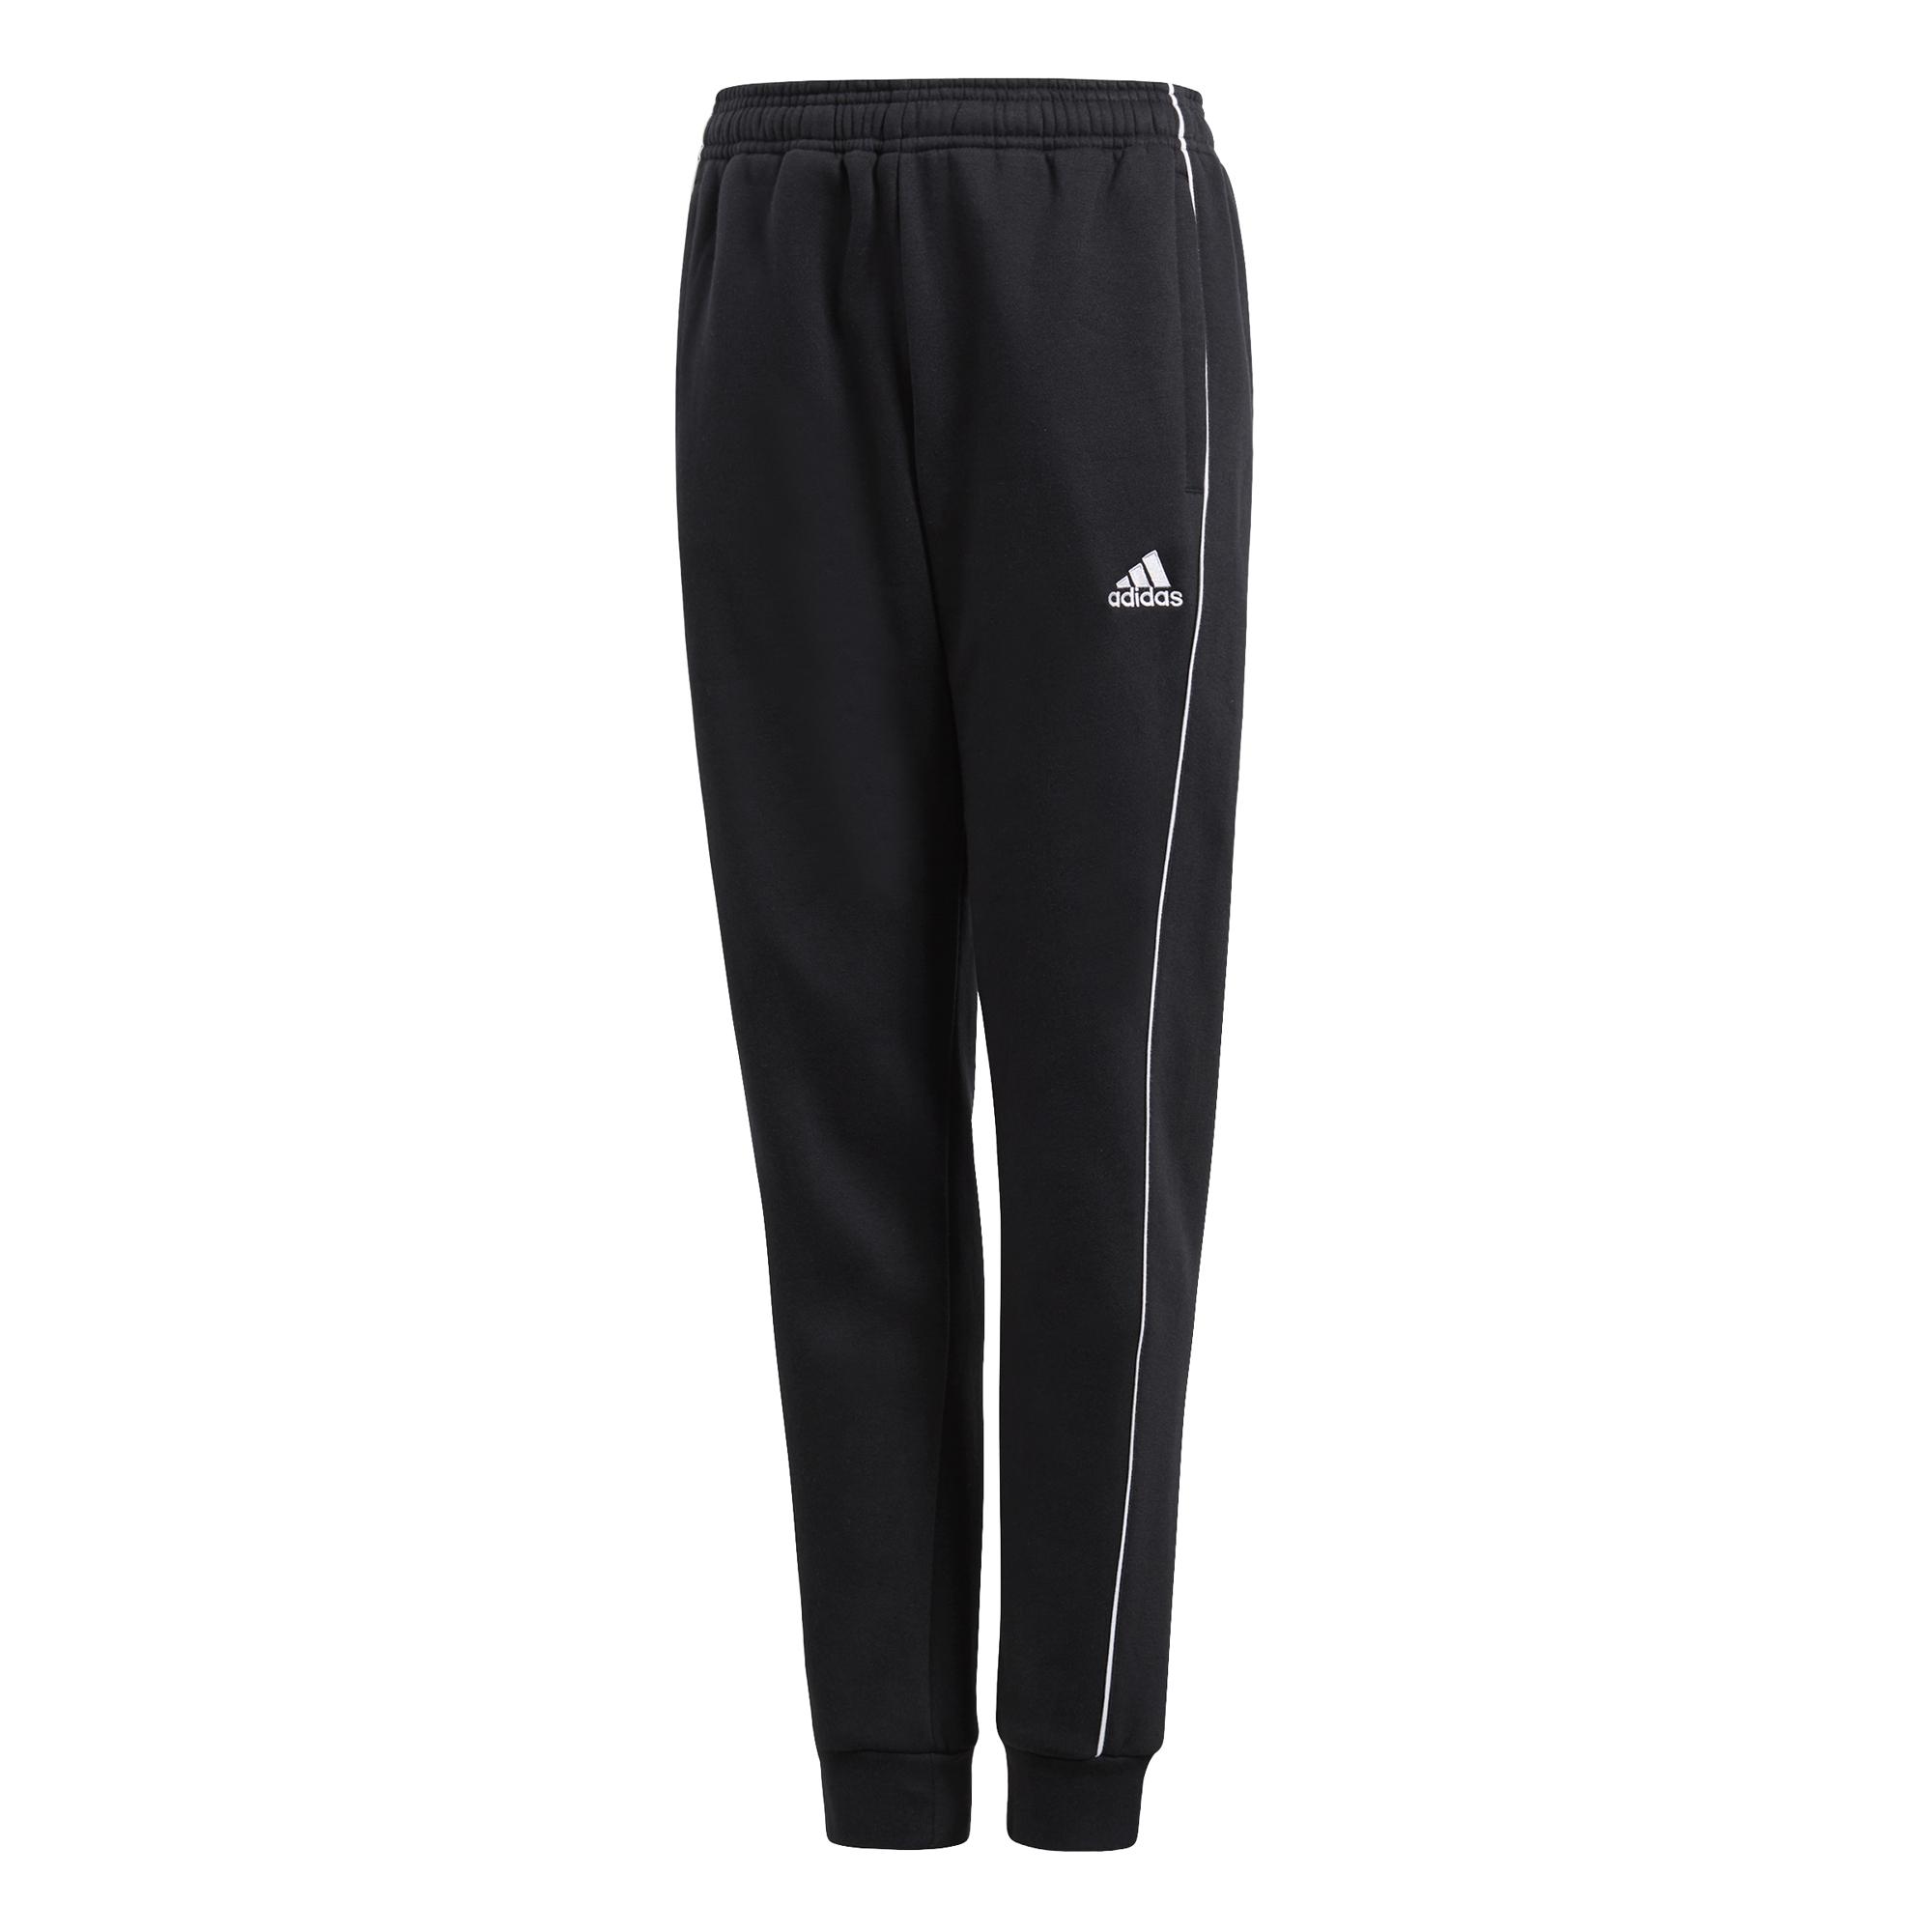 ADIDAS vycházkové kalhoty Core 18 Sweat Pant dětské